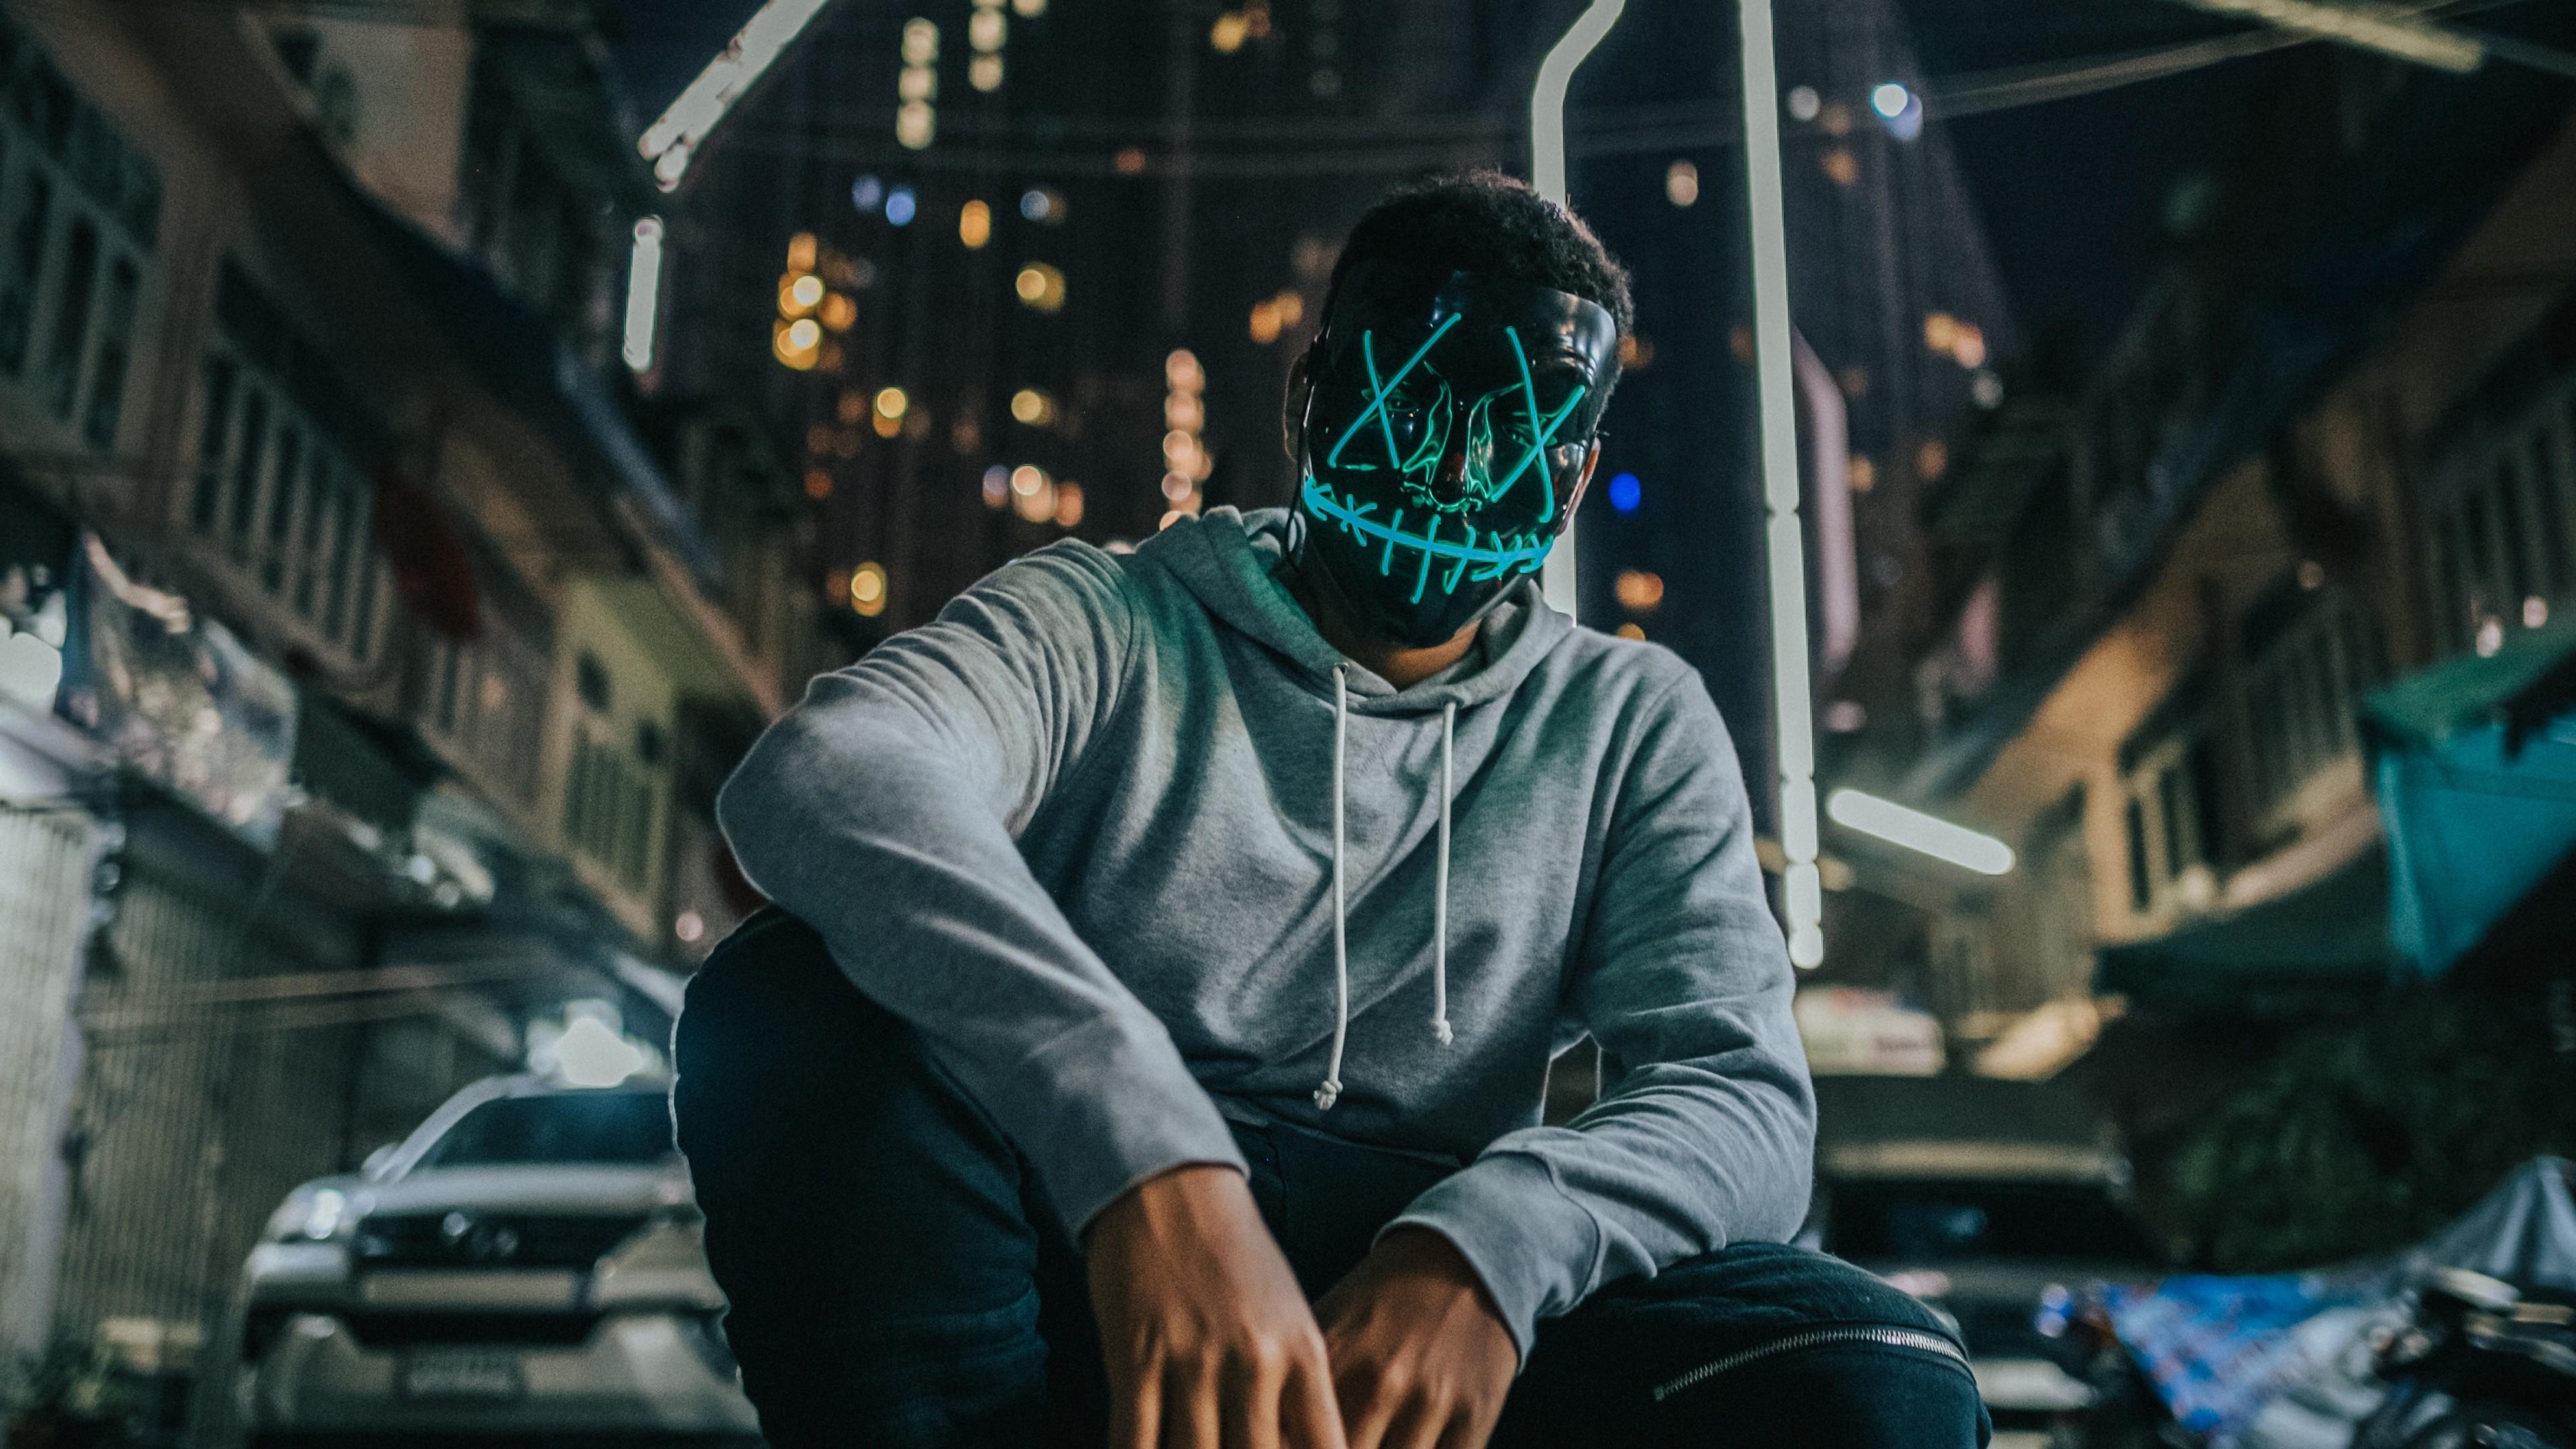 4k Mask Man Anonymous Wallpaper 3840x2160